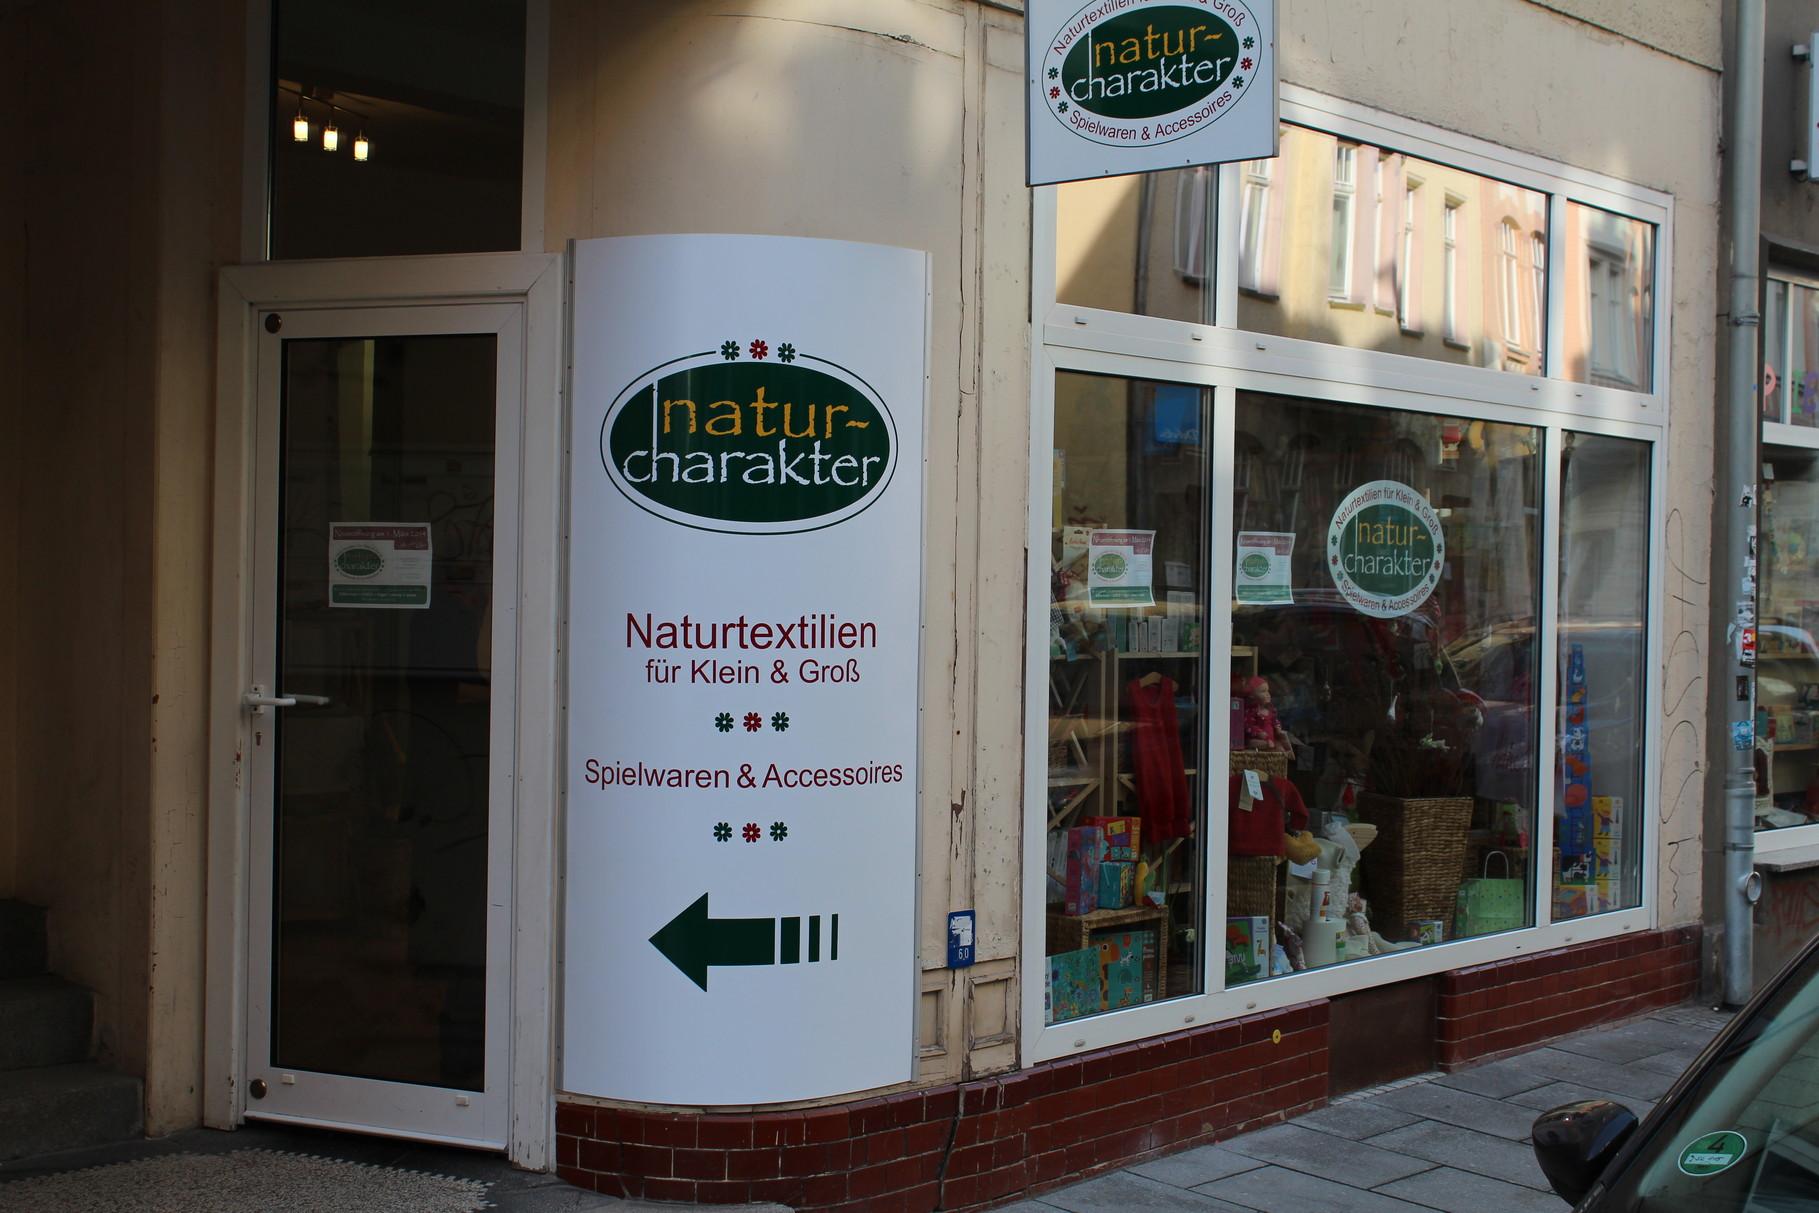 Unser kleiner Laden natur-charakter